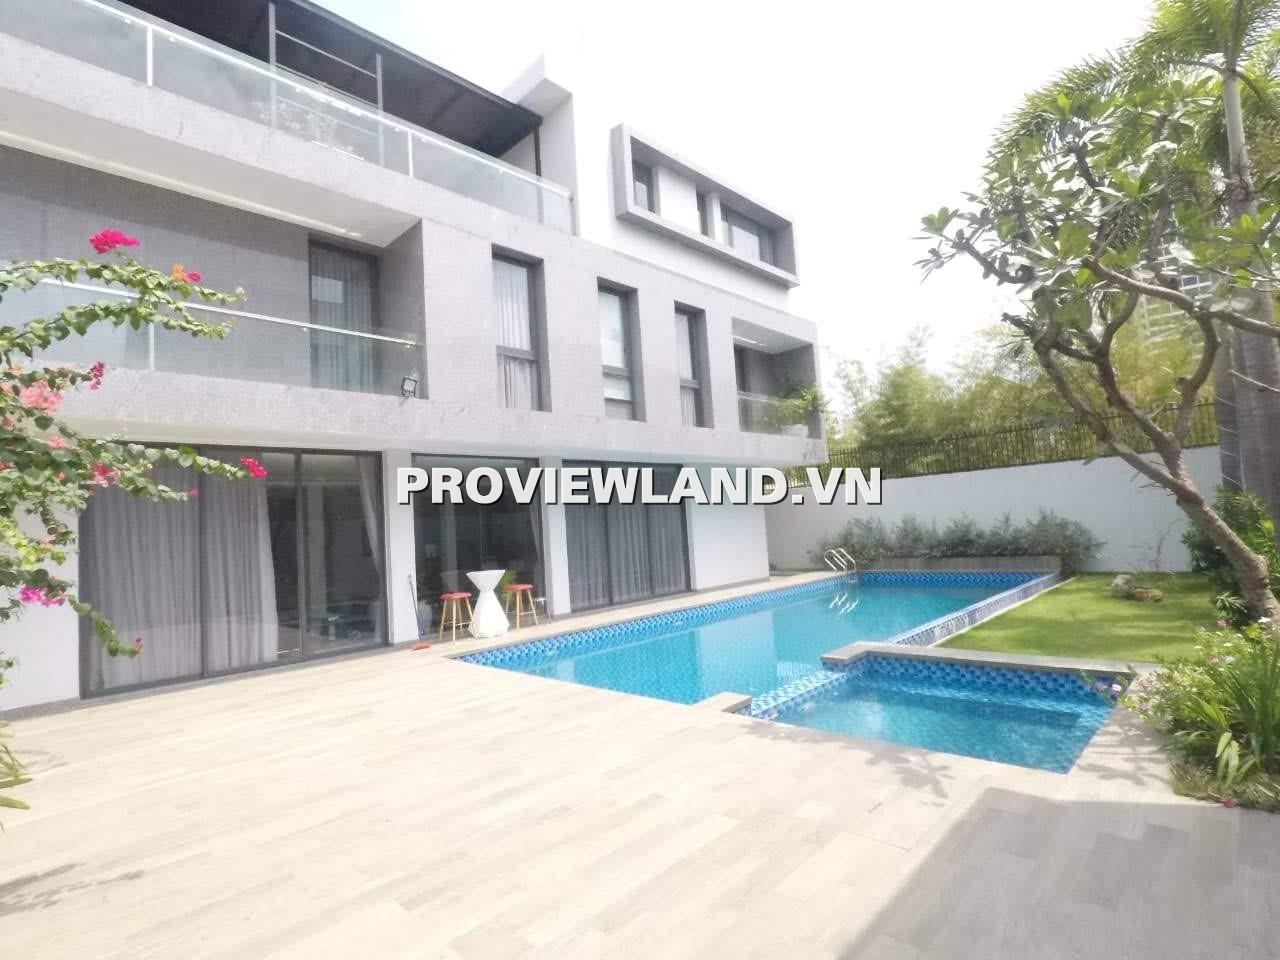 Cho thuê Villa Thảo Điền Siêu Hiện Đại 1 trệt 2 lầu 750m2 hồ bơi riêng sân vườn tuyệt đẹp